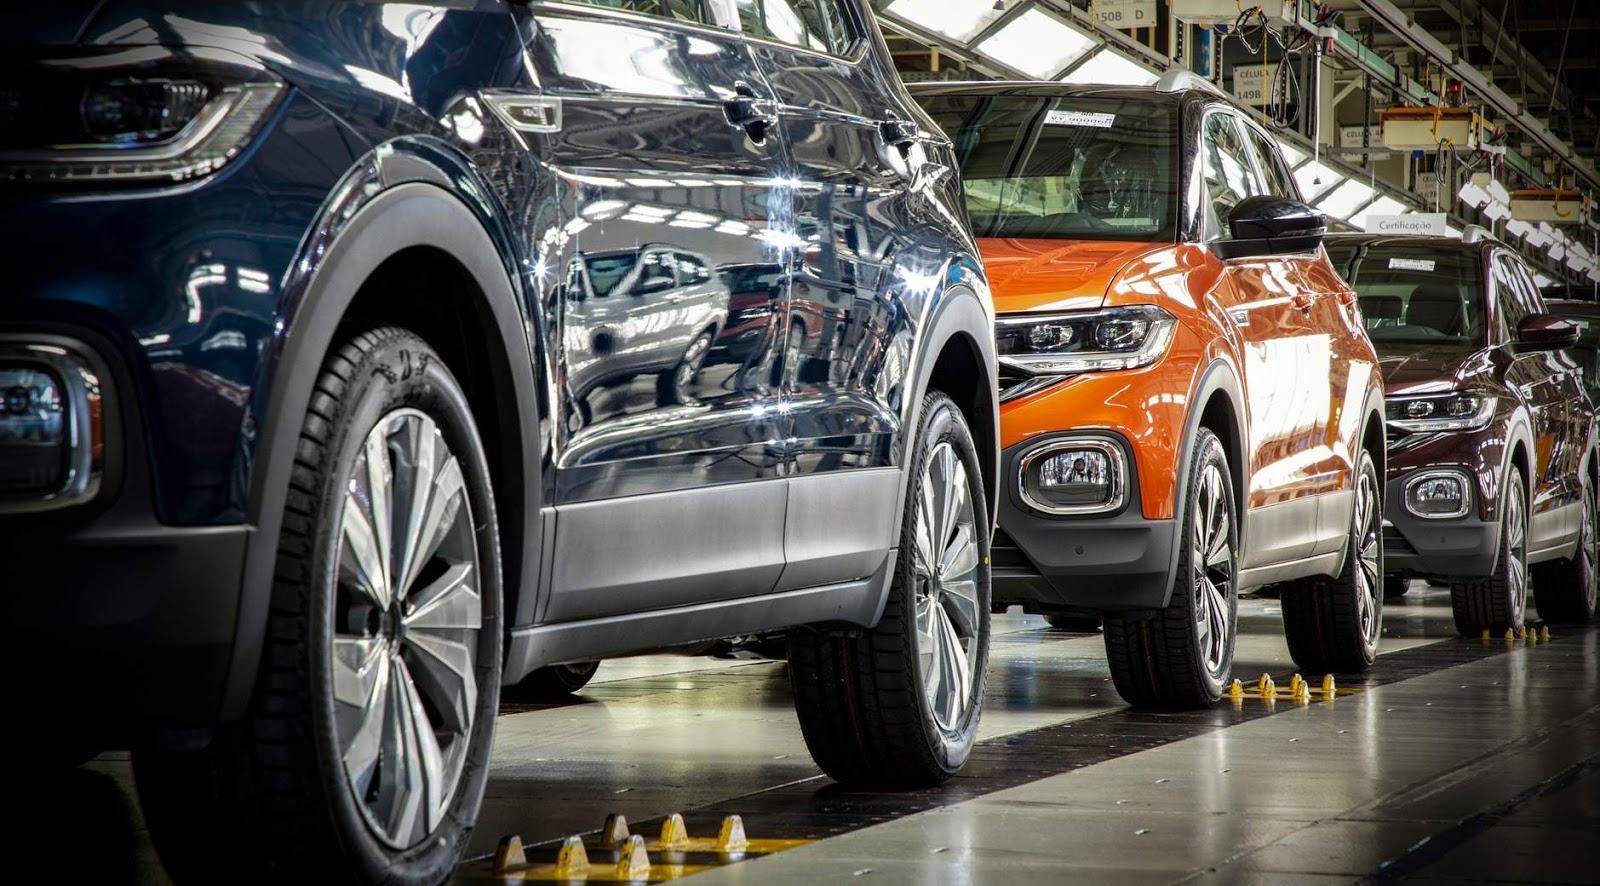 Volkswagen suspende produção no Brasil em 3 fábricas por falta de chips